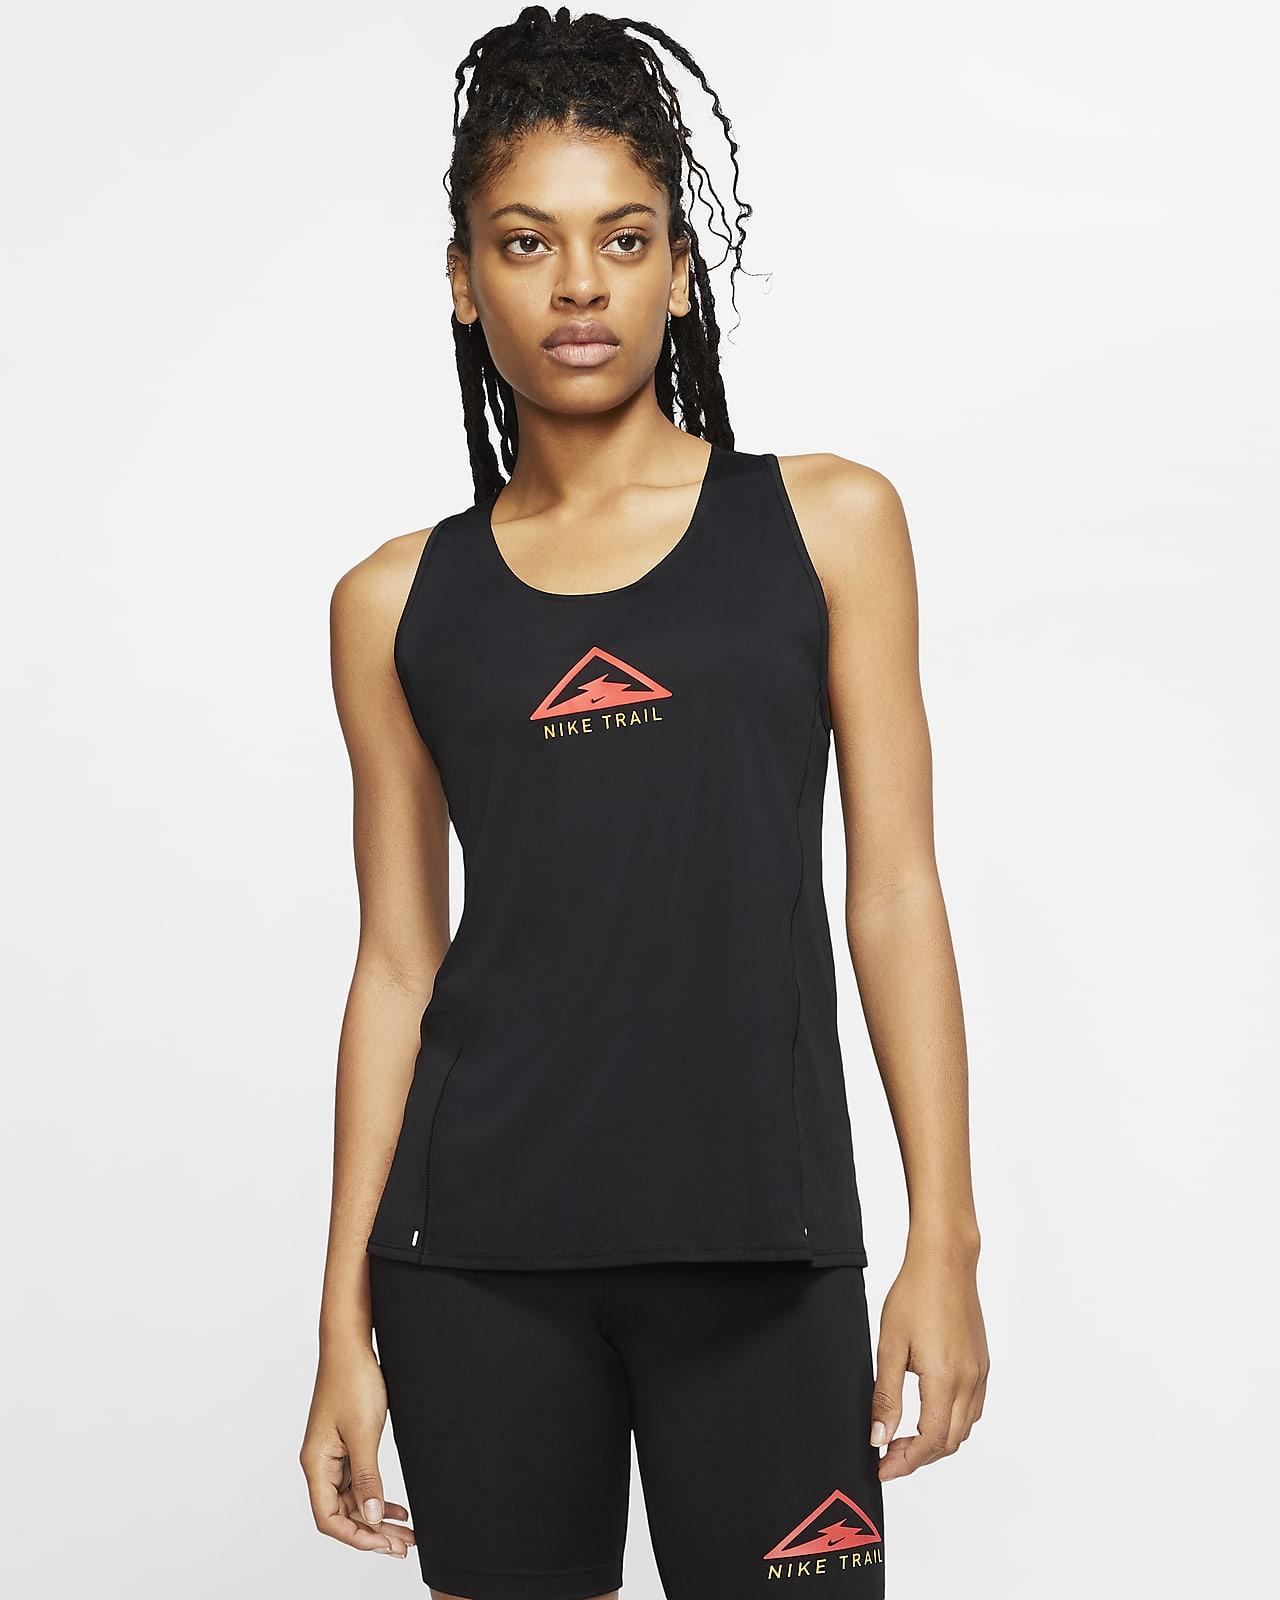 Γυναικείο φανελάκι για τρέξιμο σε ανώμαλο δρόμο Nike City Sleek